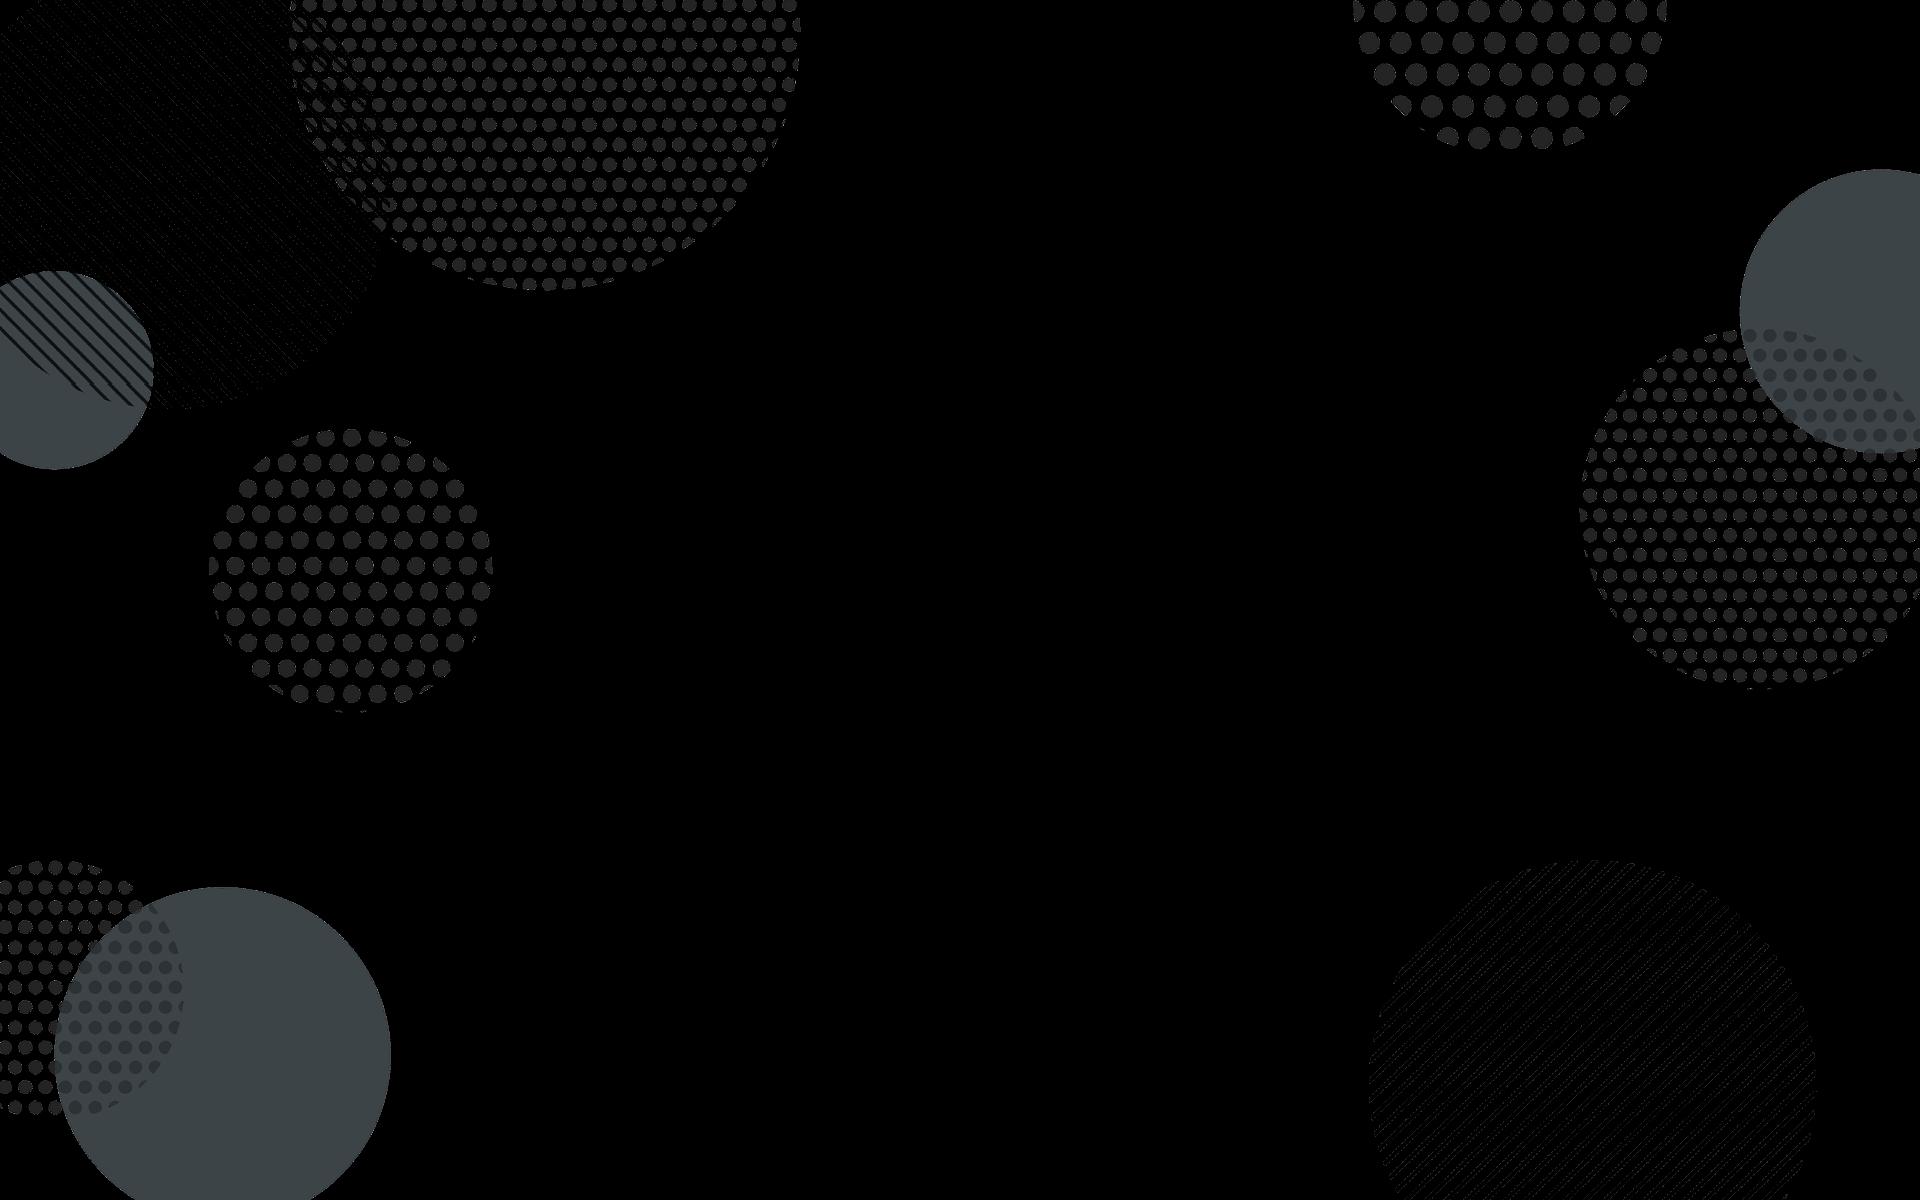 bg-circles